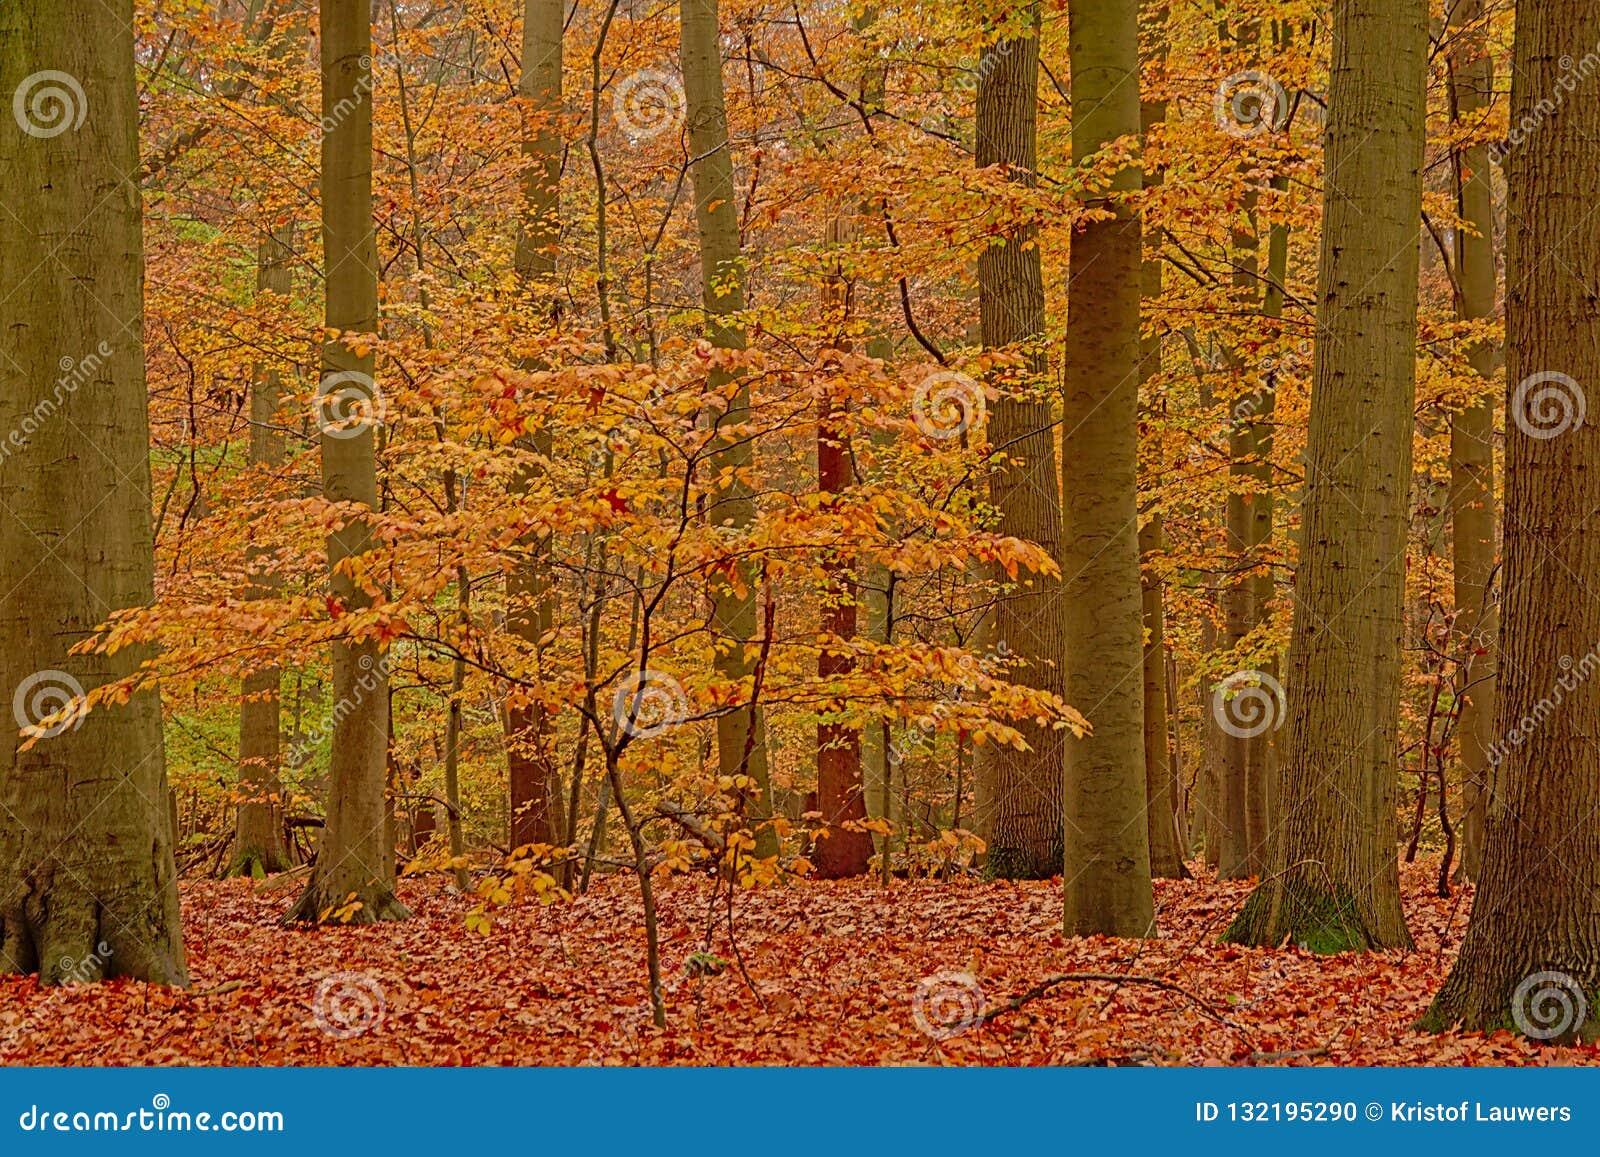 Giovane albero di faggio fra gli alti tronchi in una foresta di autunno nella campagna fiamminga